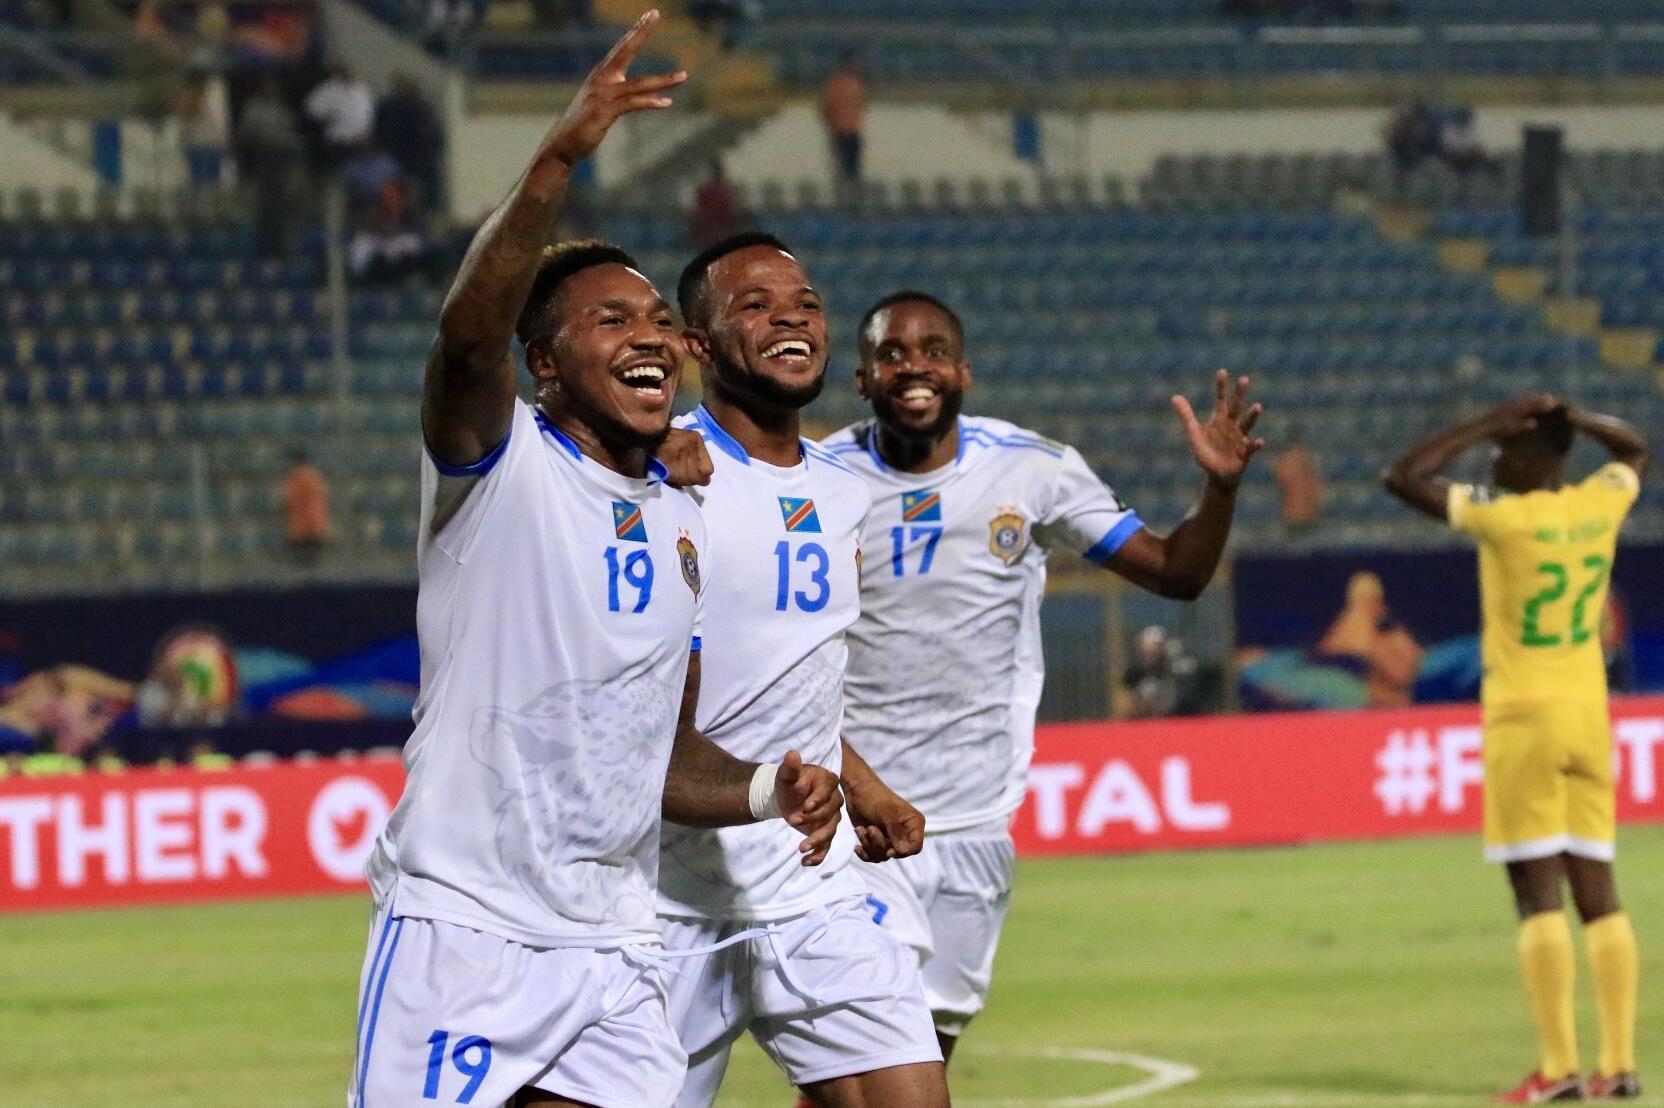 La joie des Congolais, qualifiés pour les huitièmes de finale de la CAN 2019.